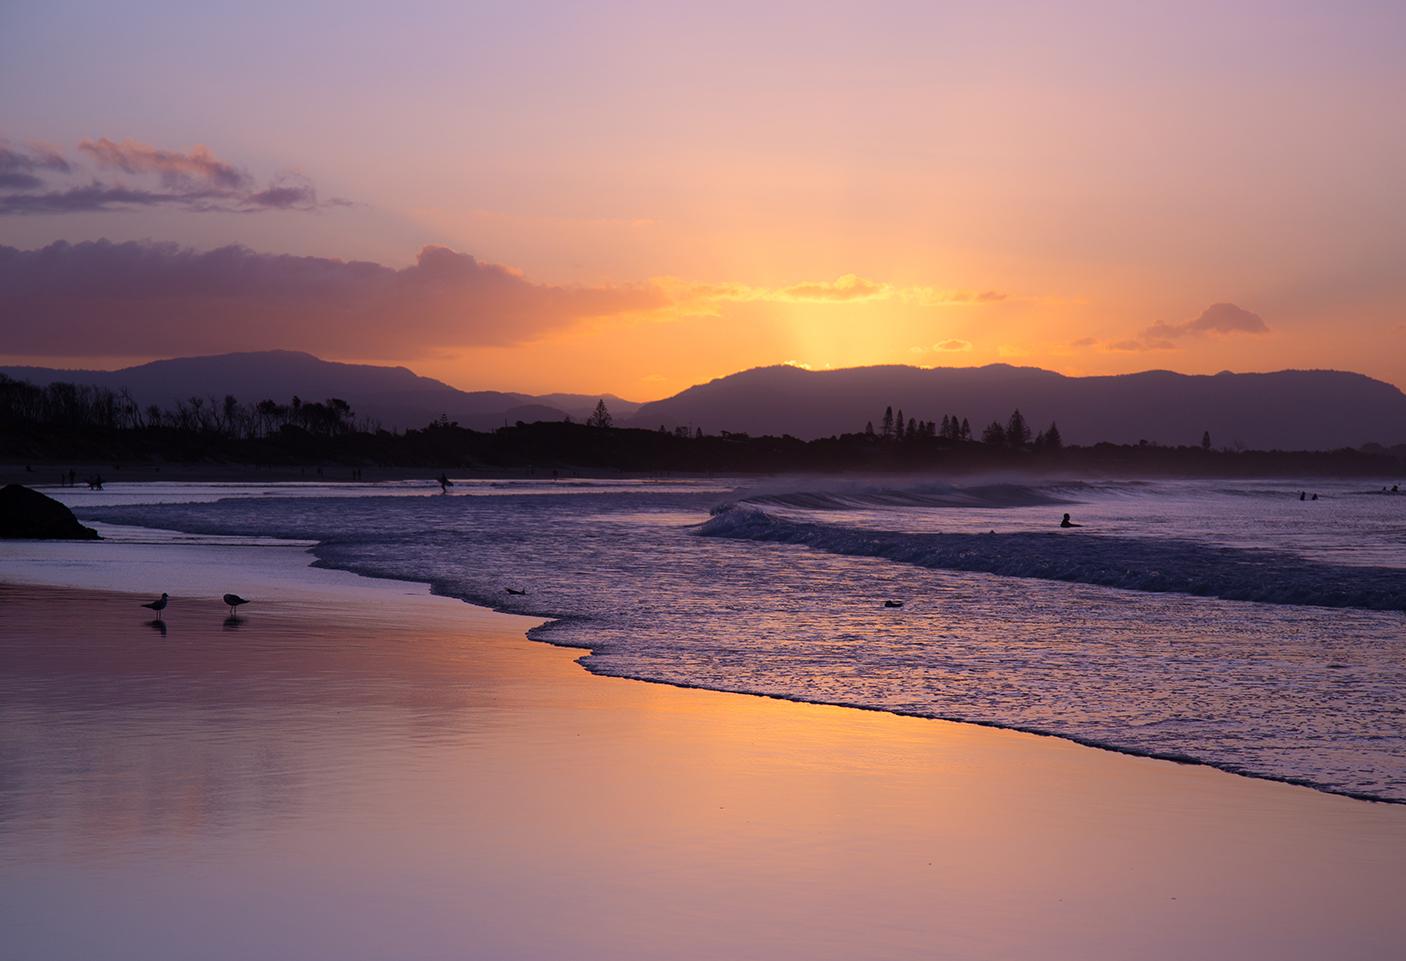 Byron Bay Sunset image